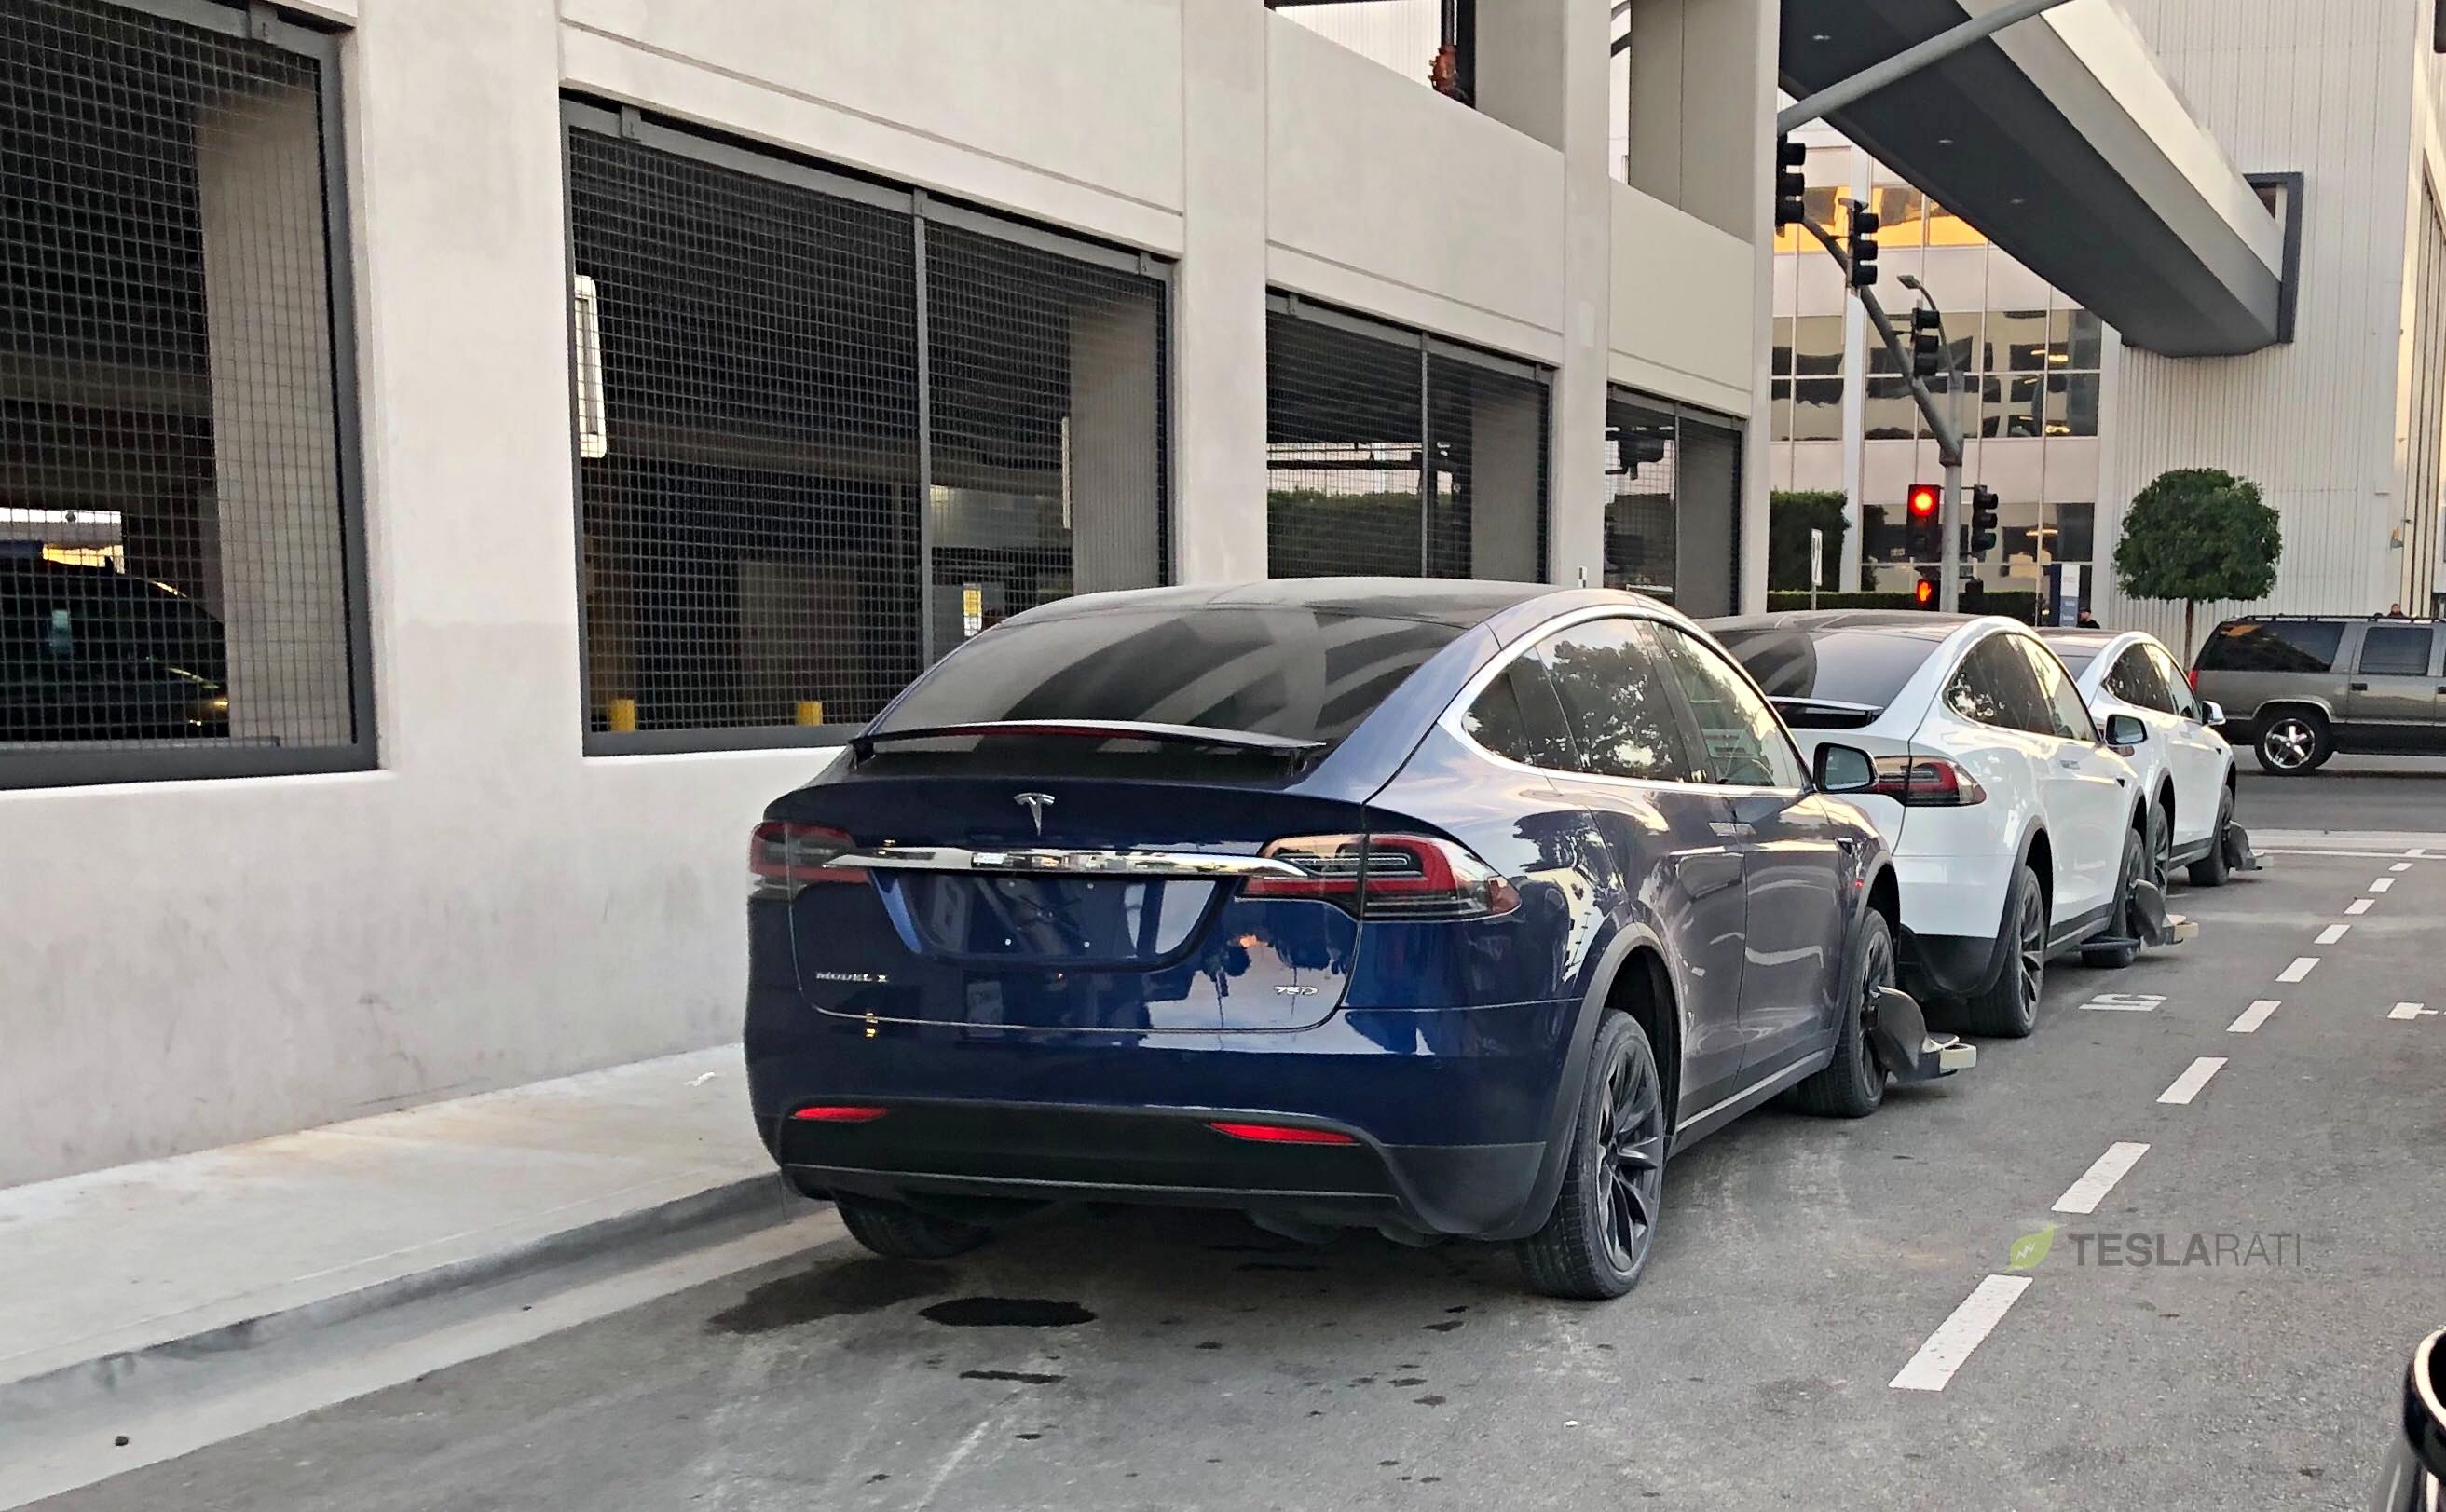 Tesla Model X Electric Skate